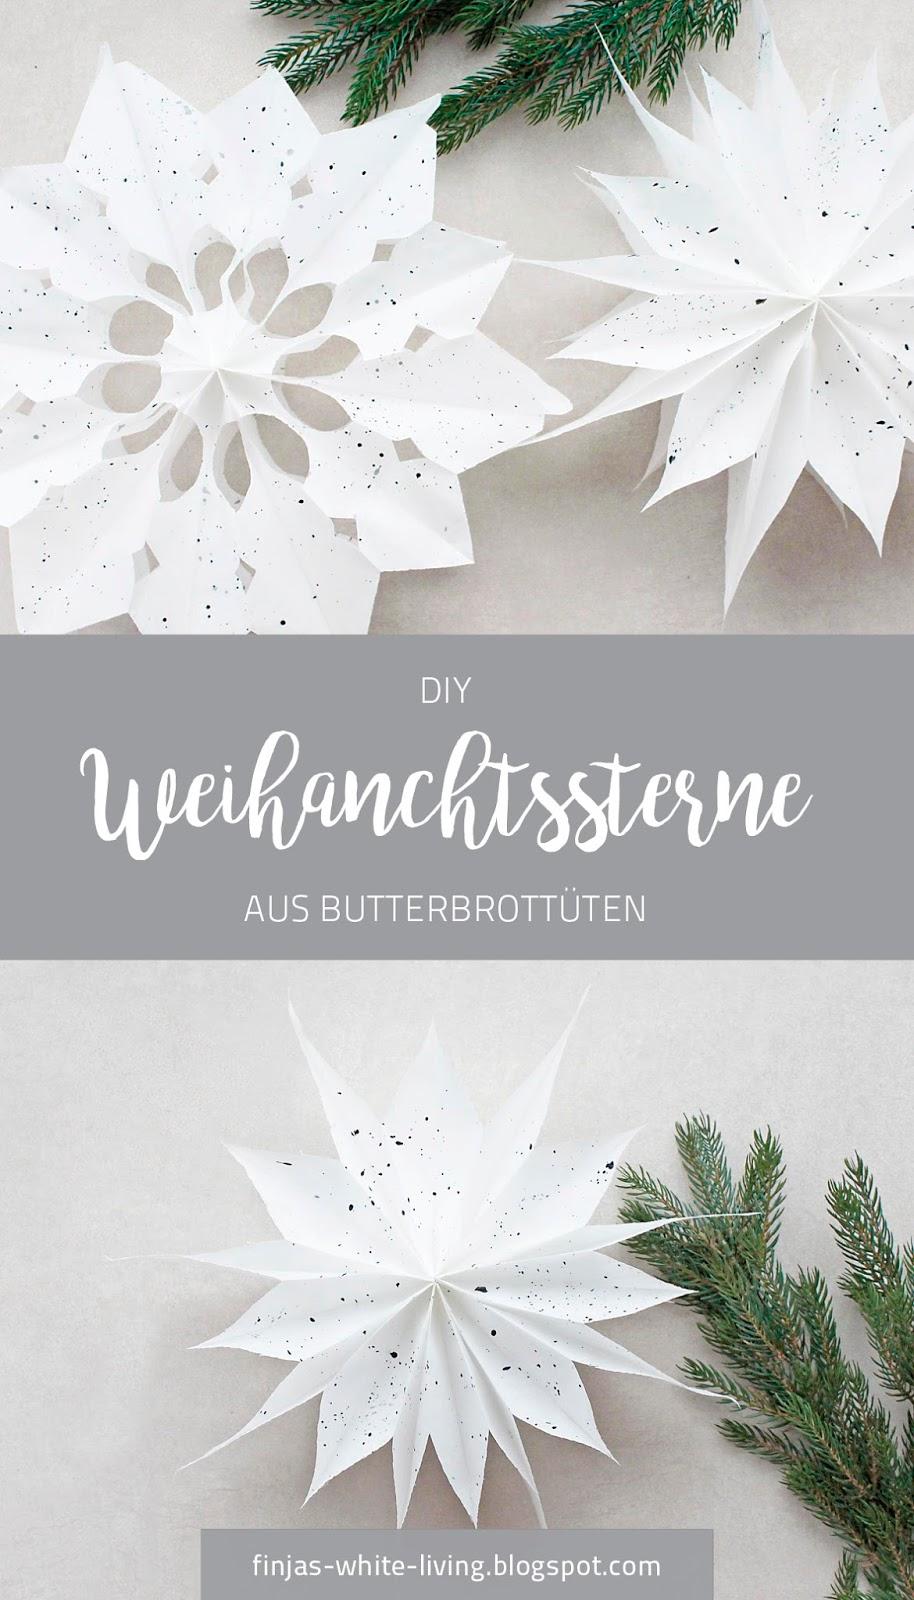 Schritt für Schritt zum DIY Weihnachtsstern aus Butterbrottüten für moderne Weihnachtsdeko